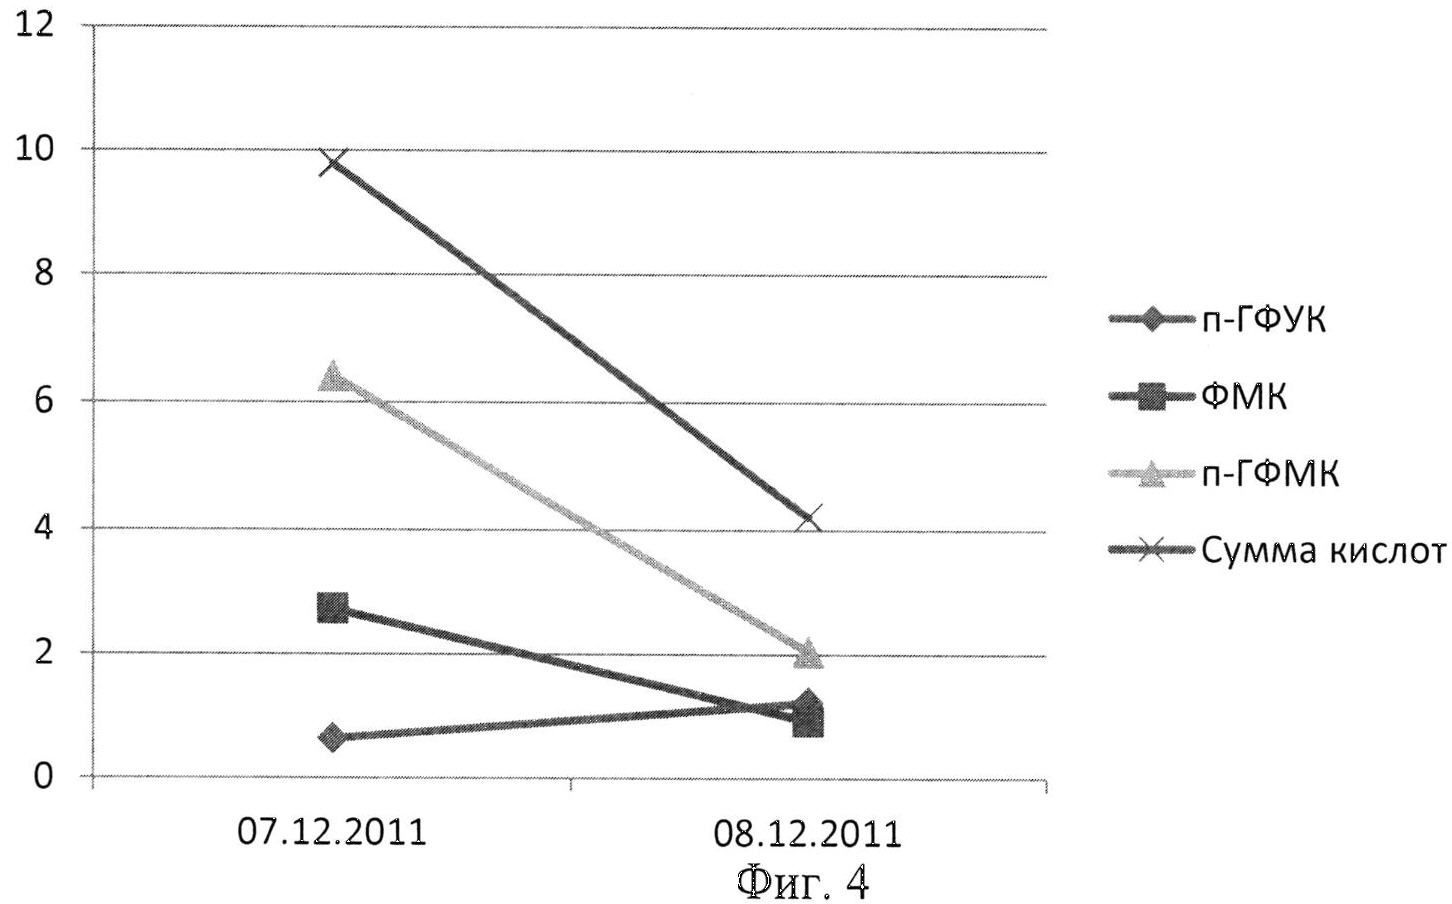 Способ лабораторной оценки эффективности антибактериальной терапии